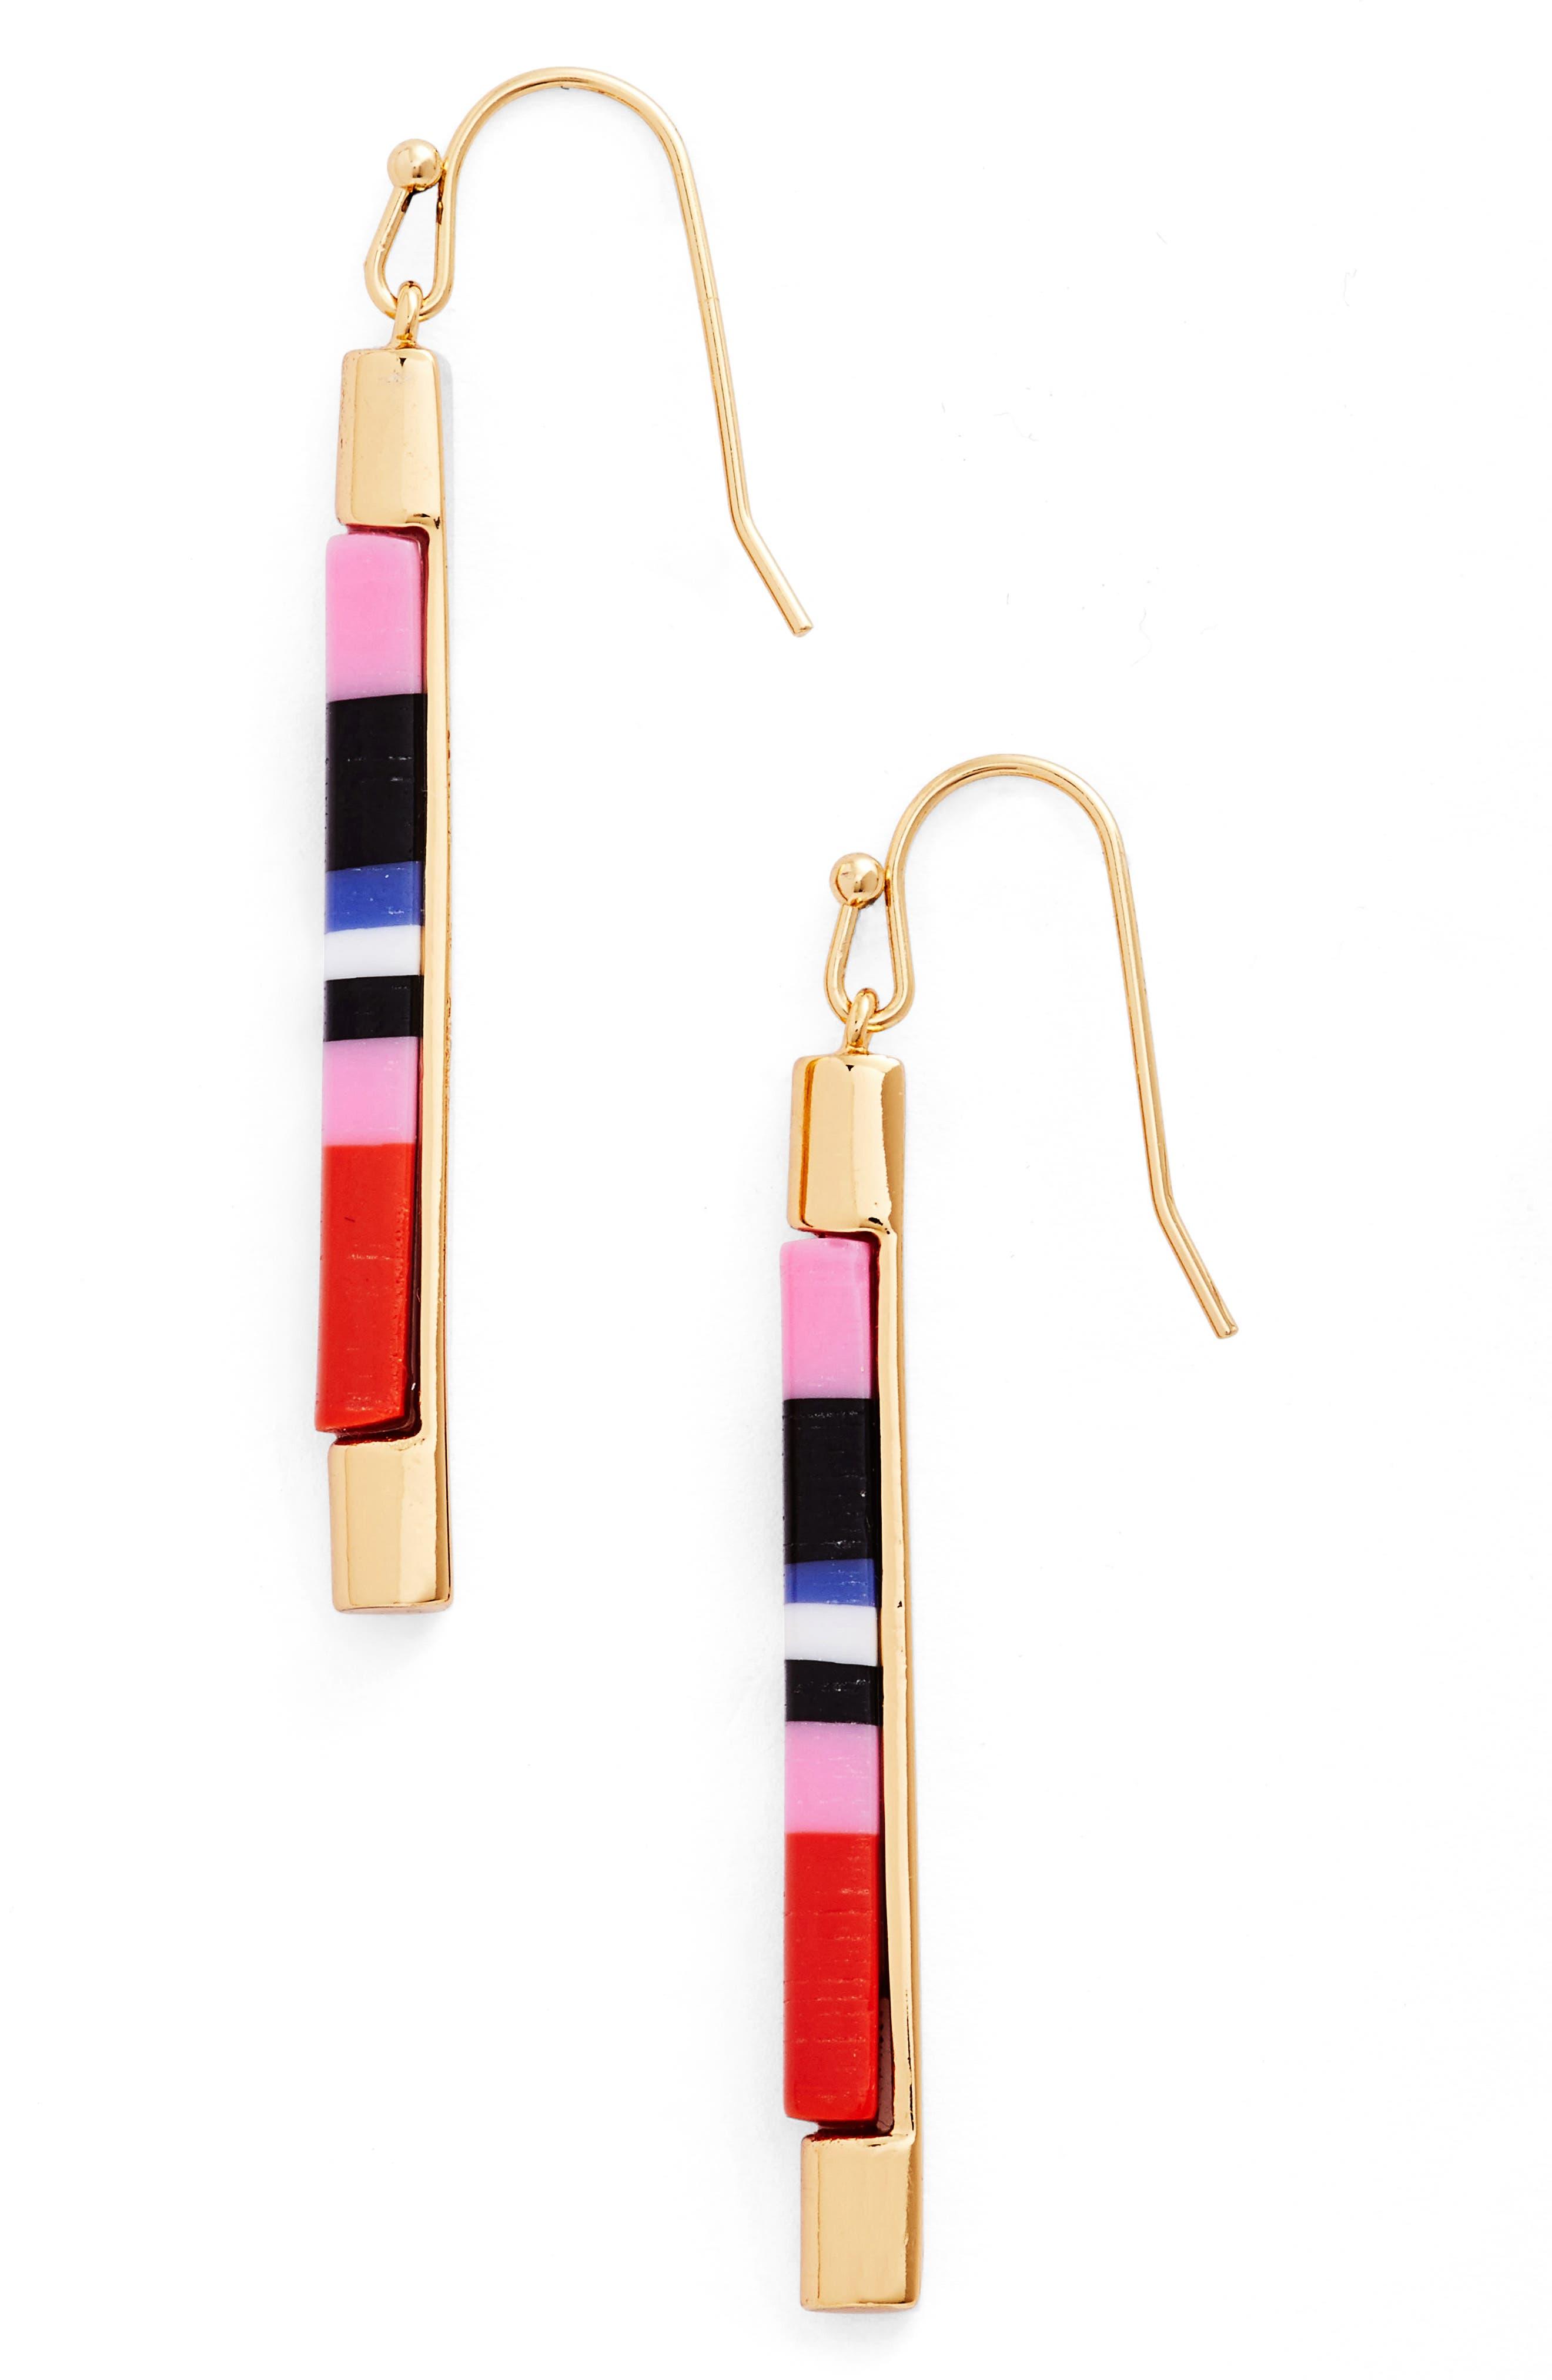 KATE SPADE NEW YORK kate spade building blocks drop earrings